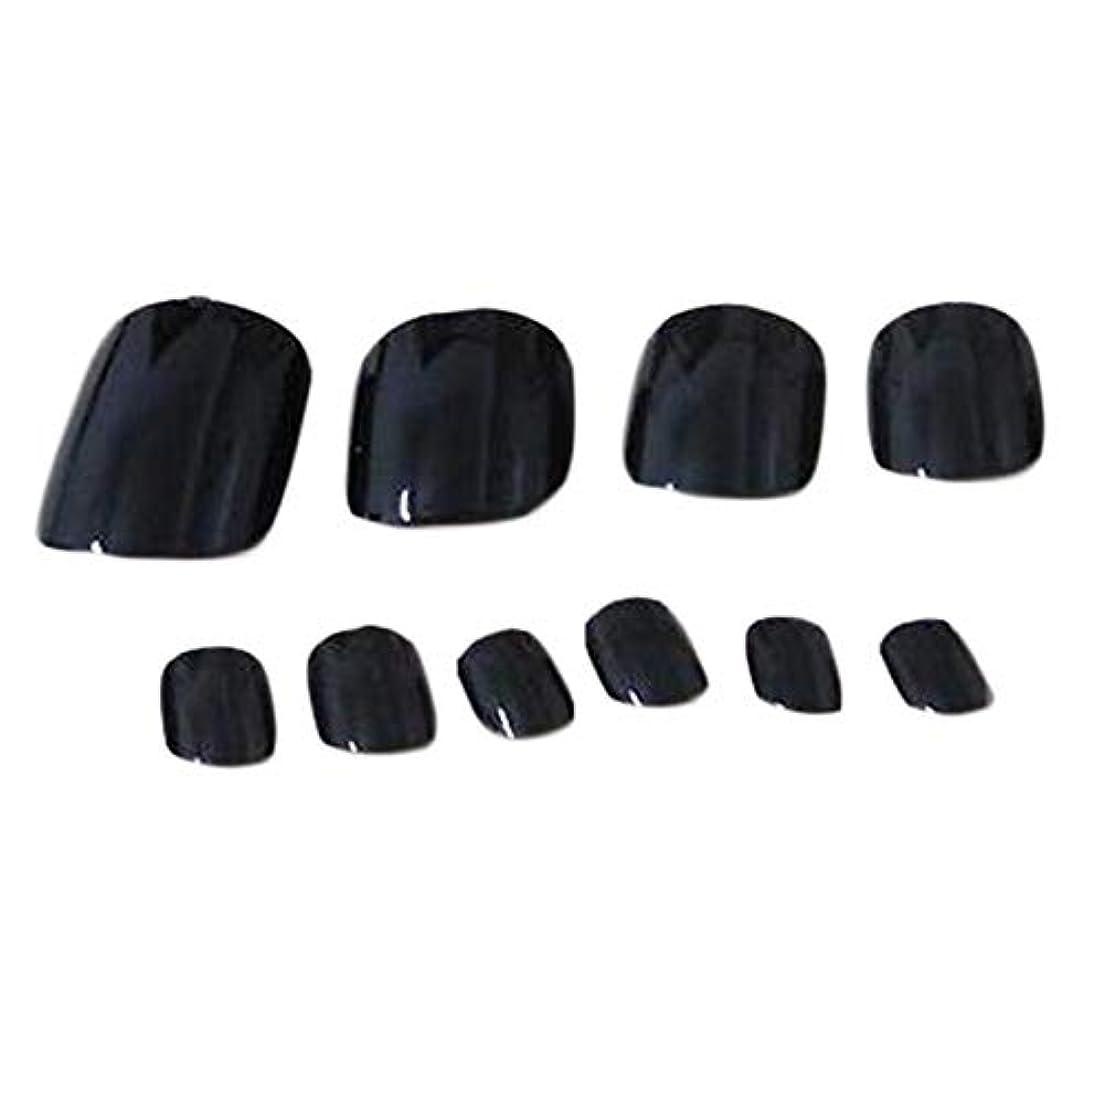 回復する採用解放する1ボックス - 120の人工爪黒偽爪ネイルデコレーション